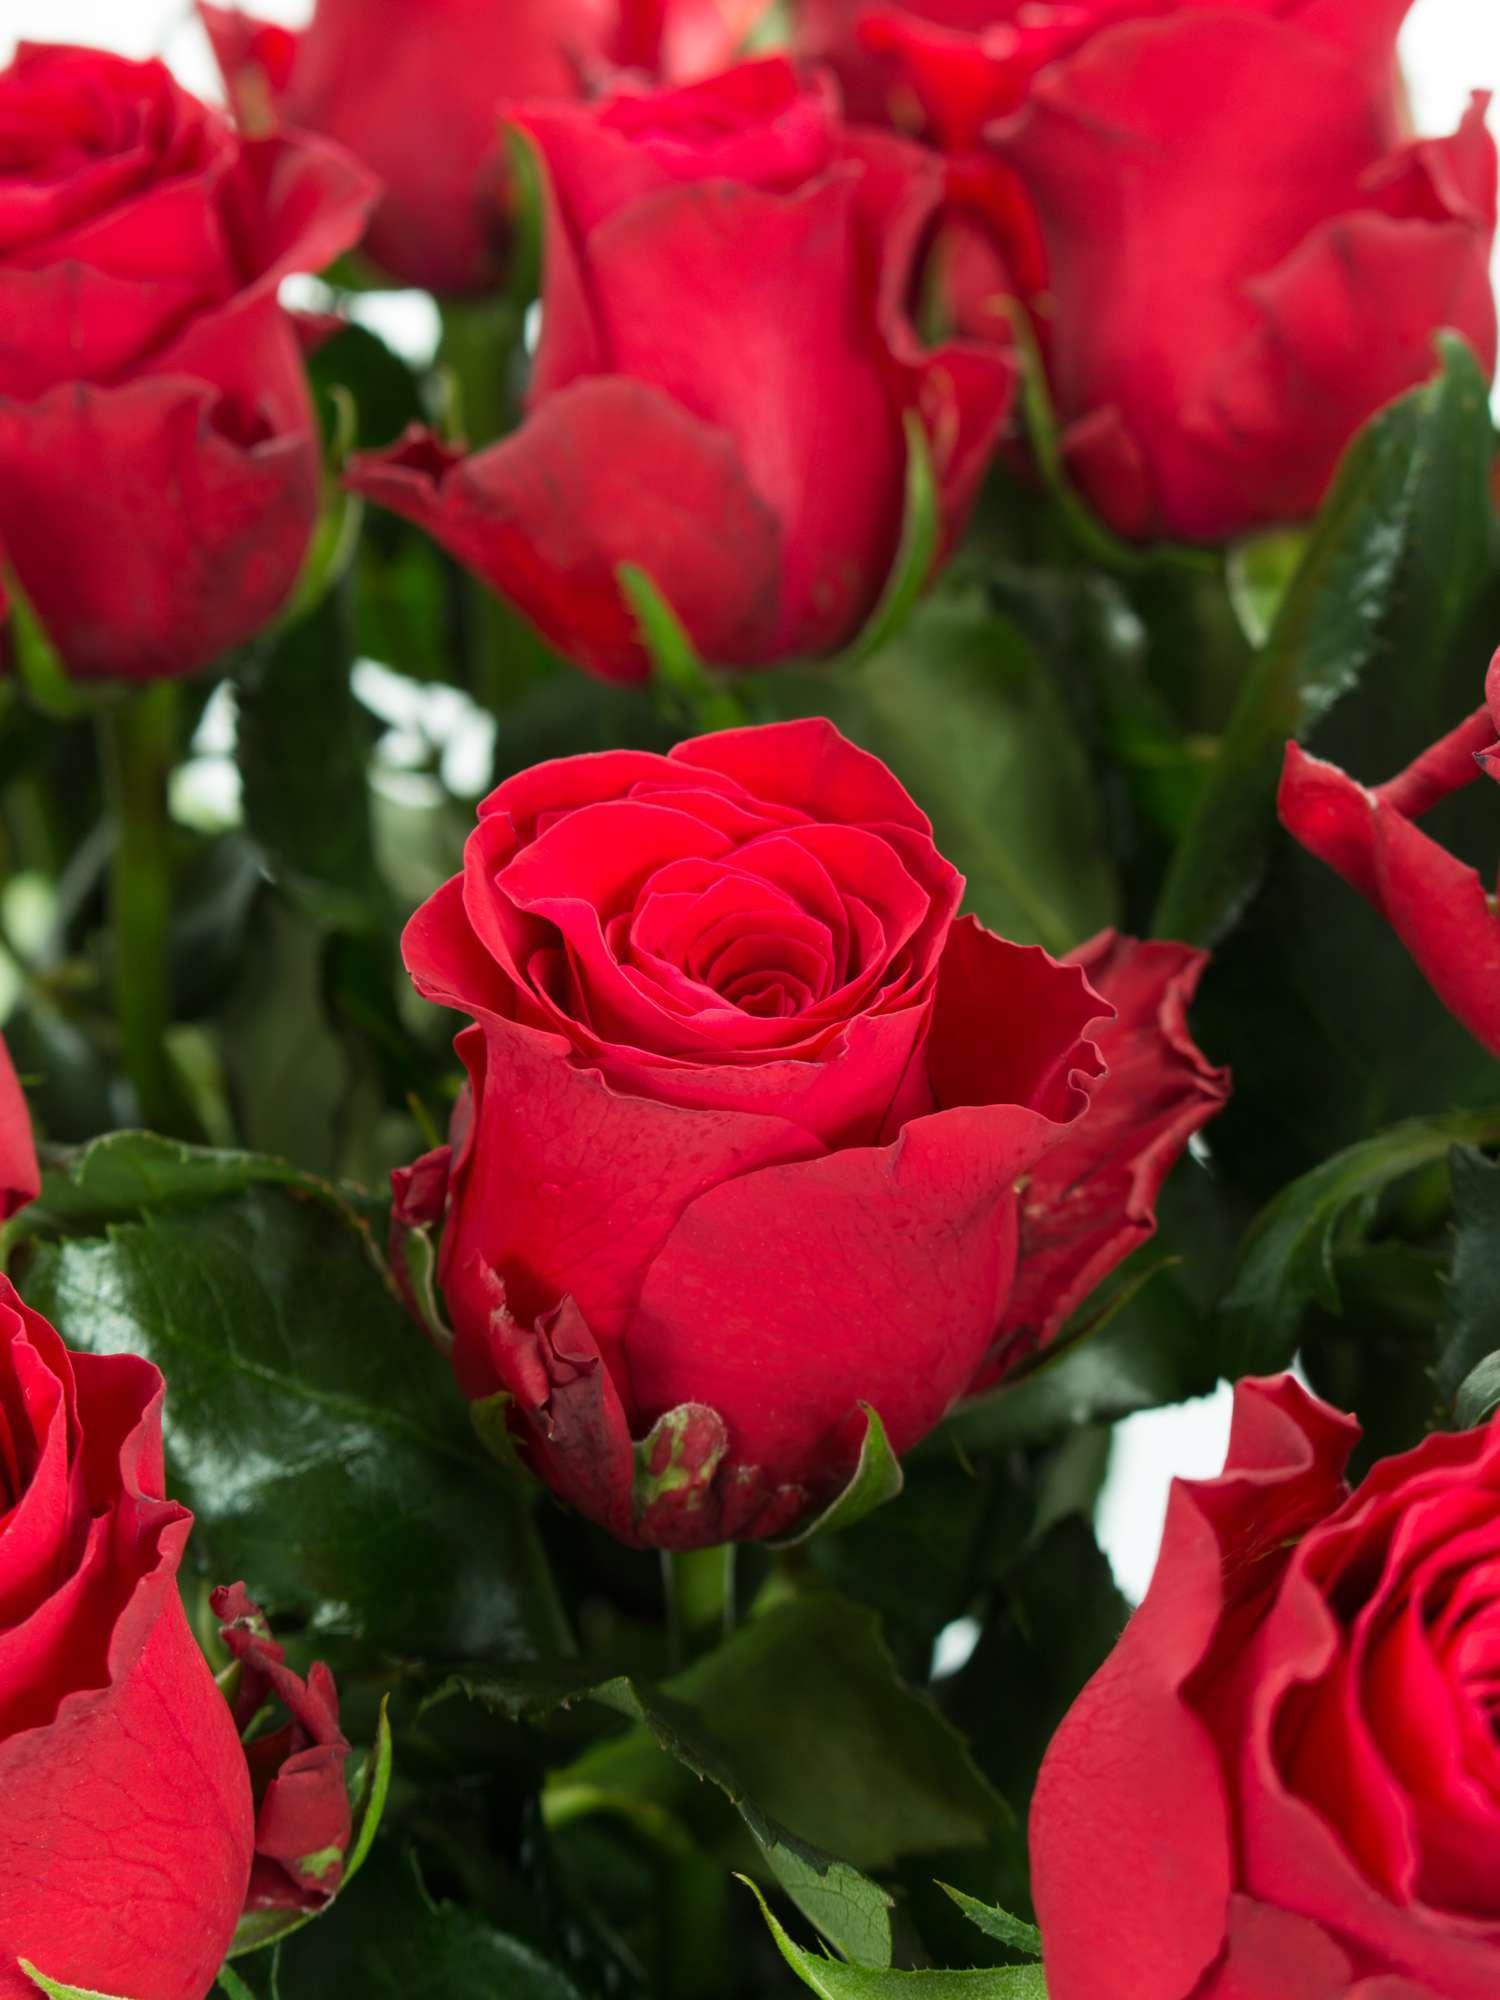 rosen kaufen online excellent seidensatin gemalte rosen with rosen kaufen online good. Black Bedroom Furniture Sets. Home Design Ideas